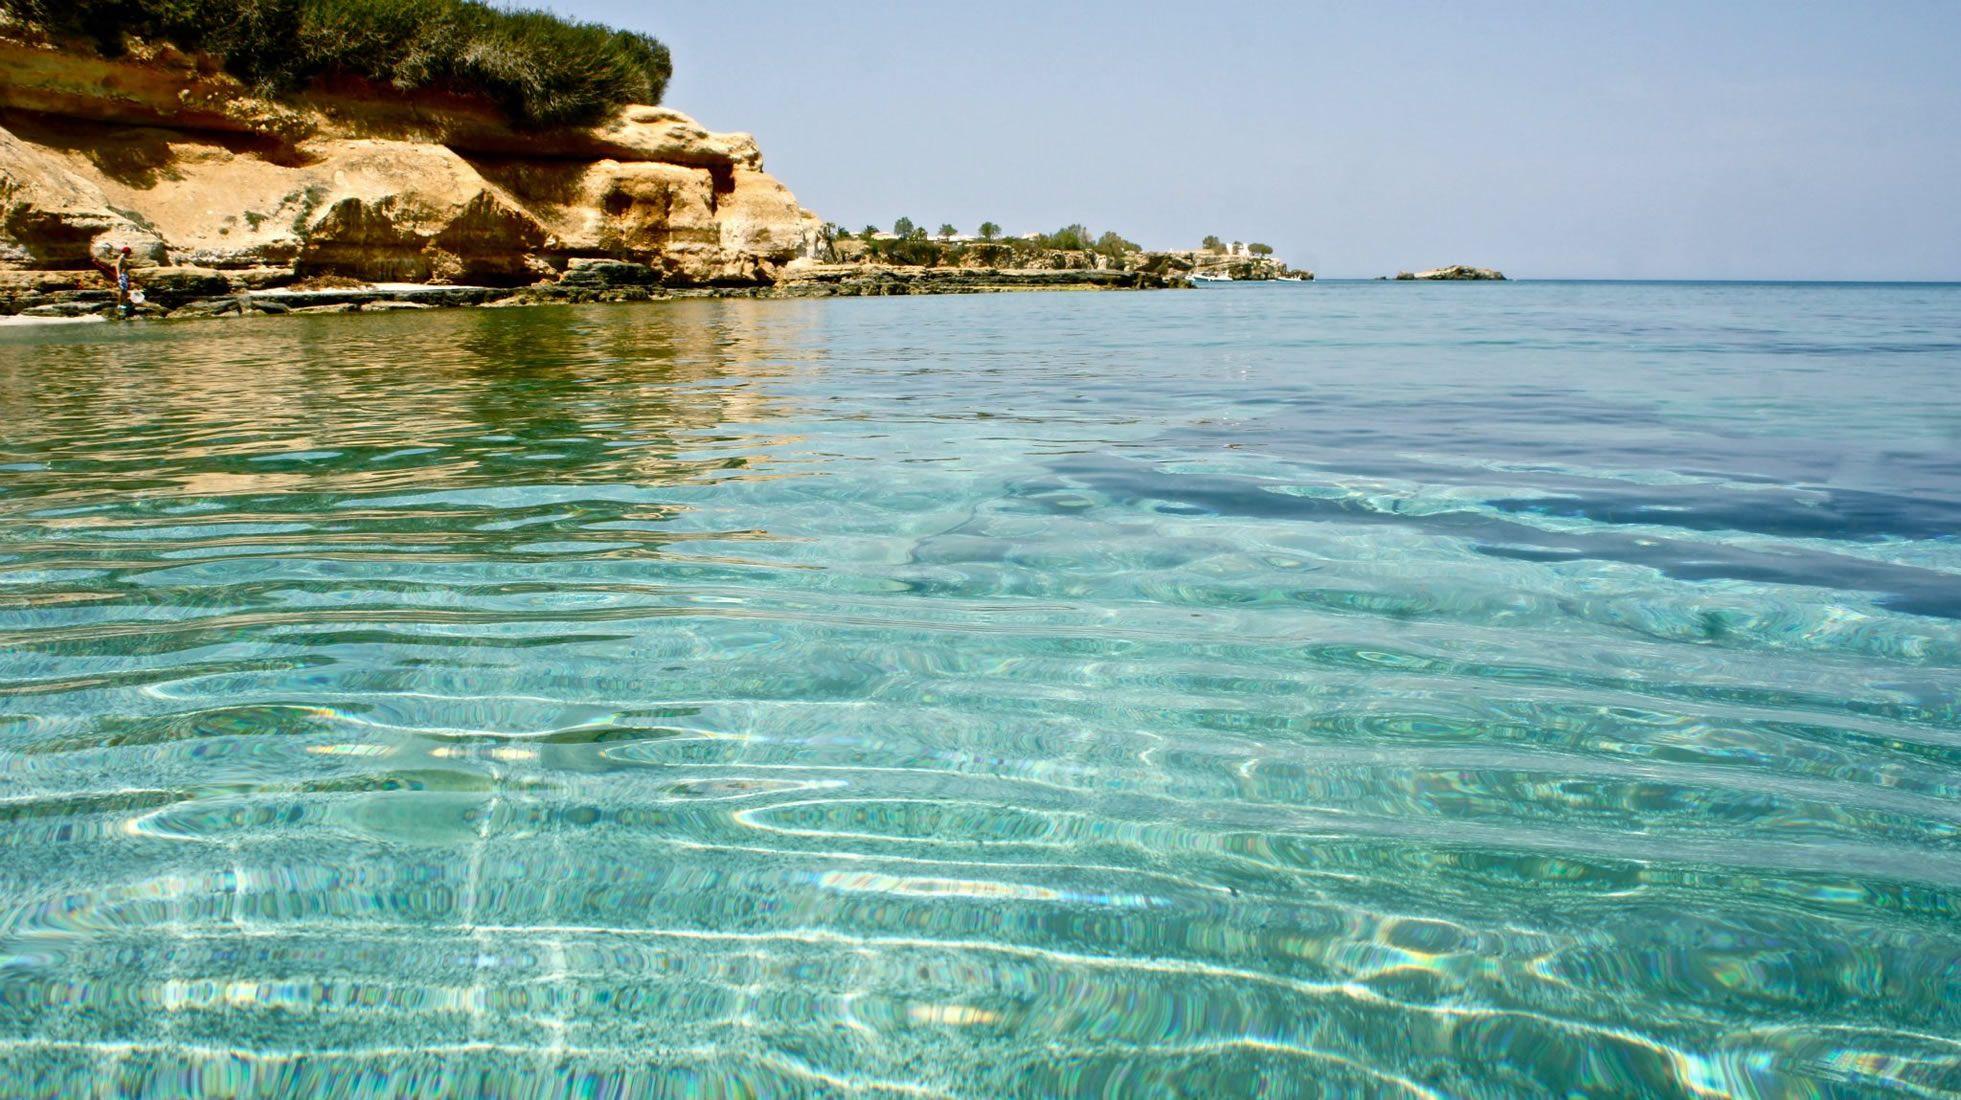 Crete Beaches Albatros S A Address Deadalou 1 700